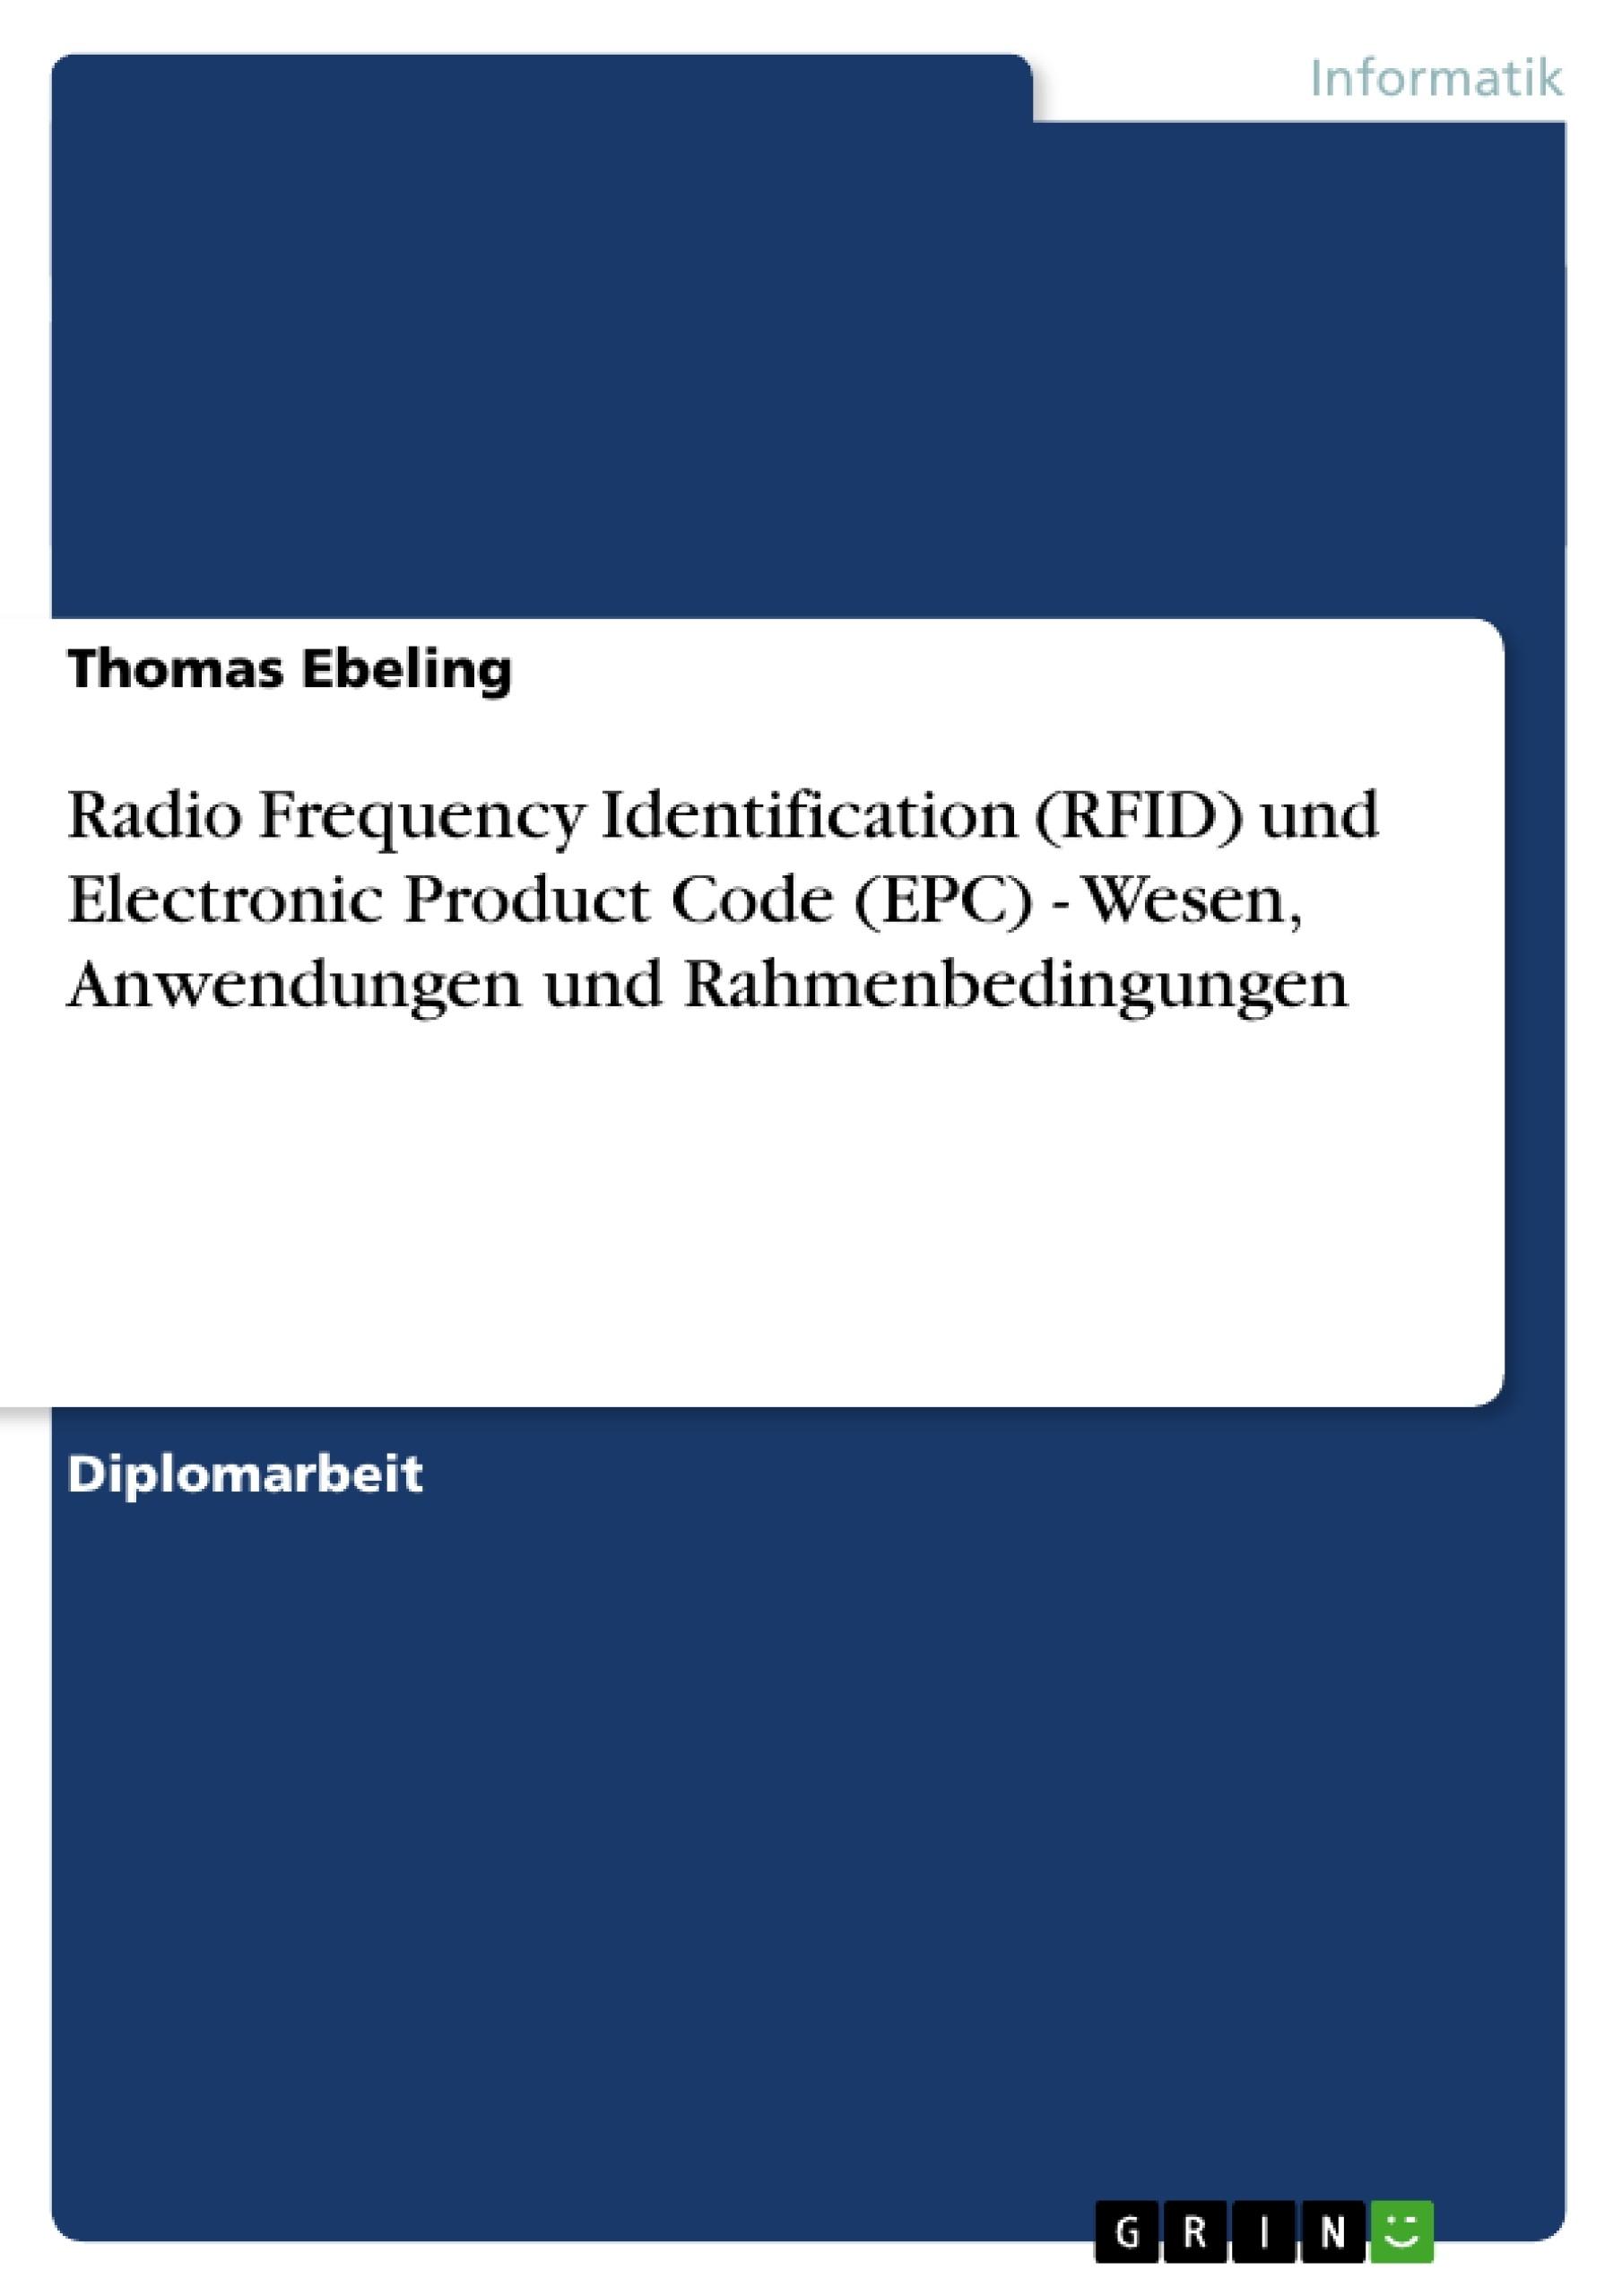 Titel: Radio Frequency Identification (RFID) und Electronic Product Code (EPC) - Wesen, Anwendungen und Rahmenbedingungen